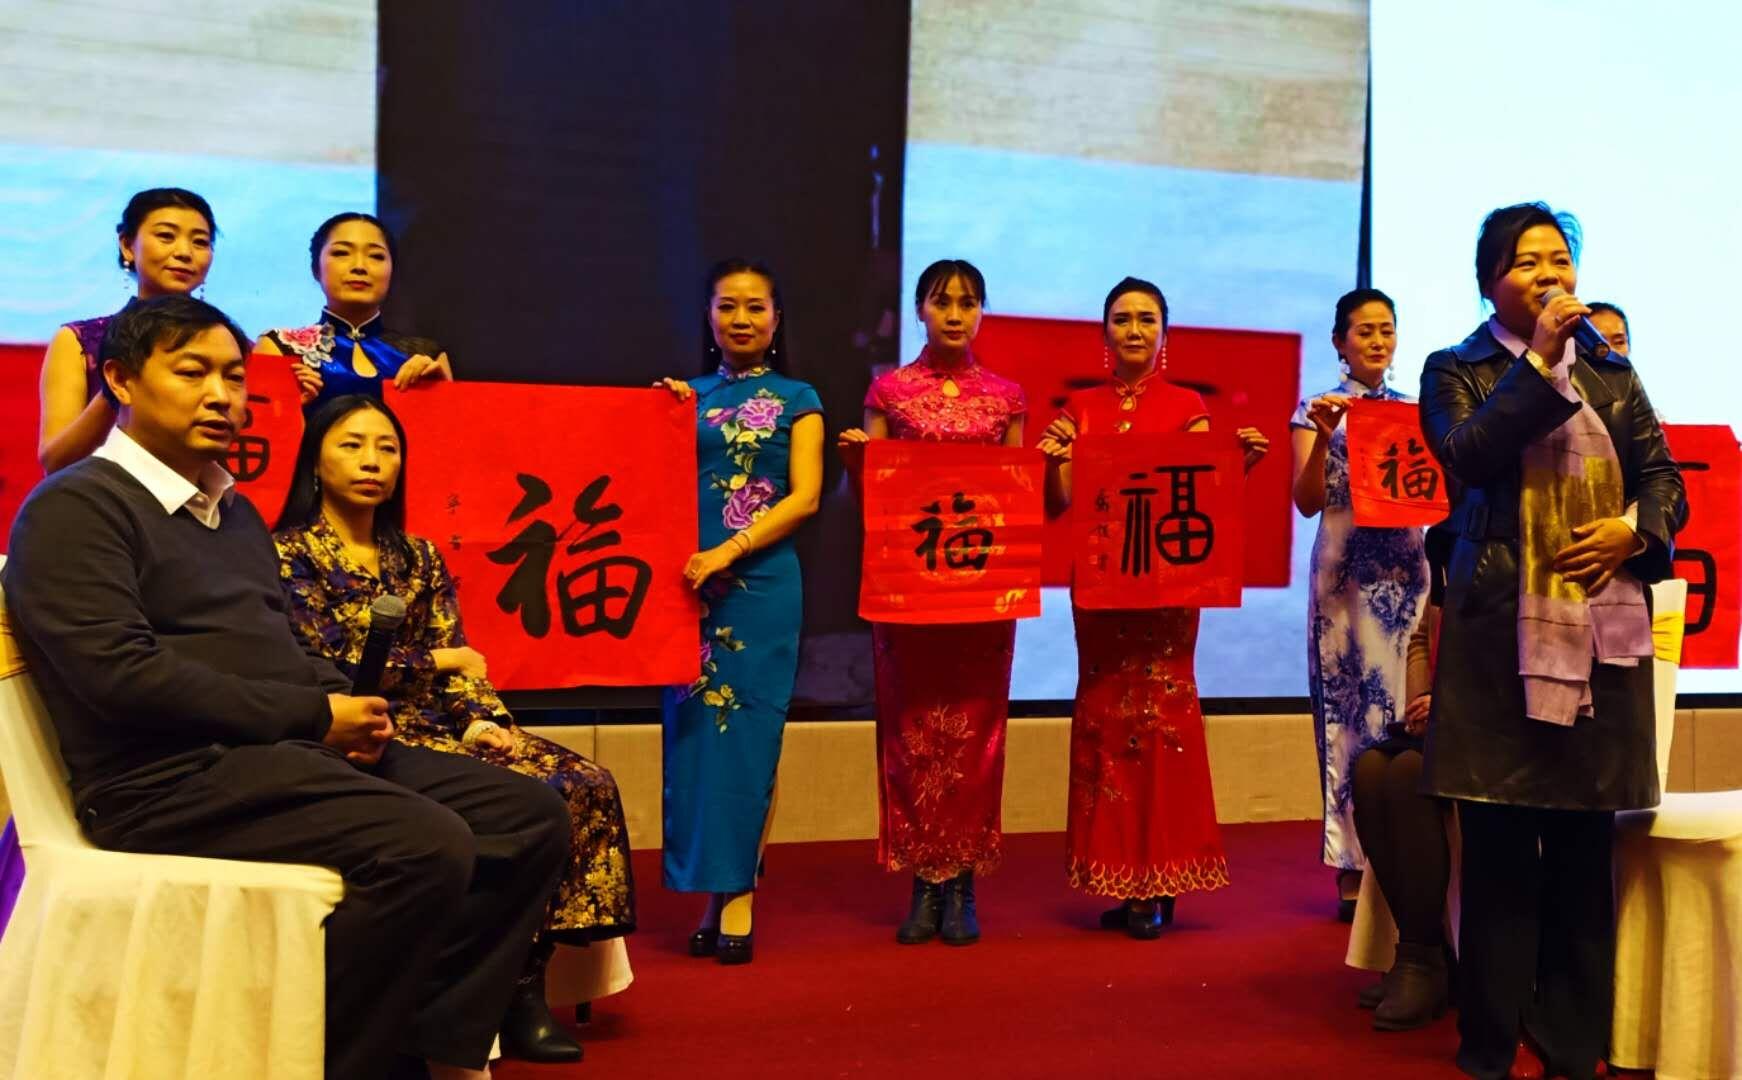 热情好客的湘西苗族同胞,以民族礼仪浓情欢迎著名国礼书画家乔领、宁雪君